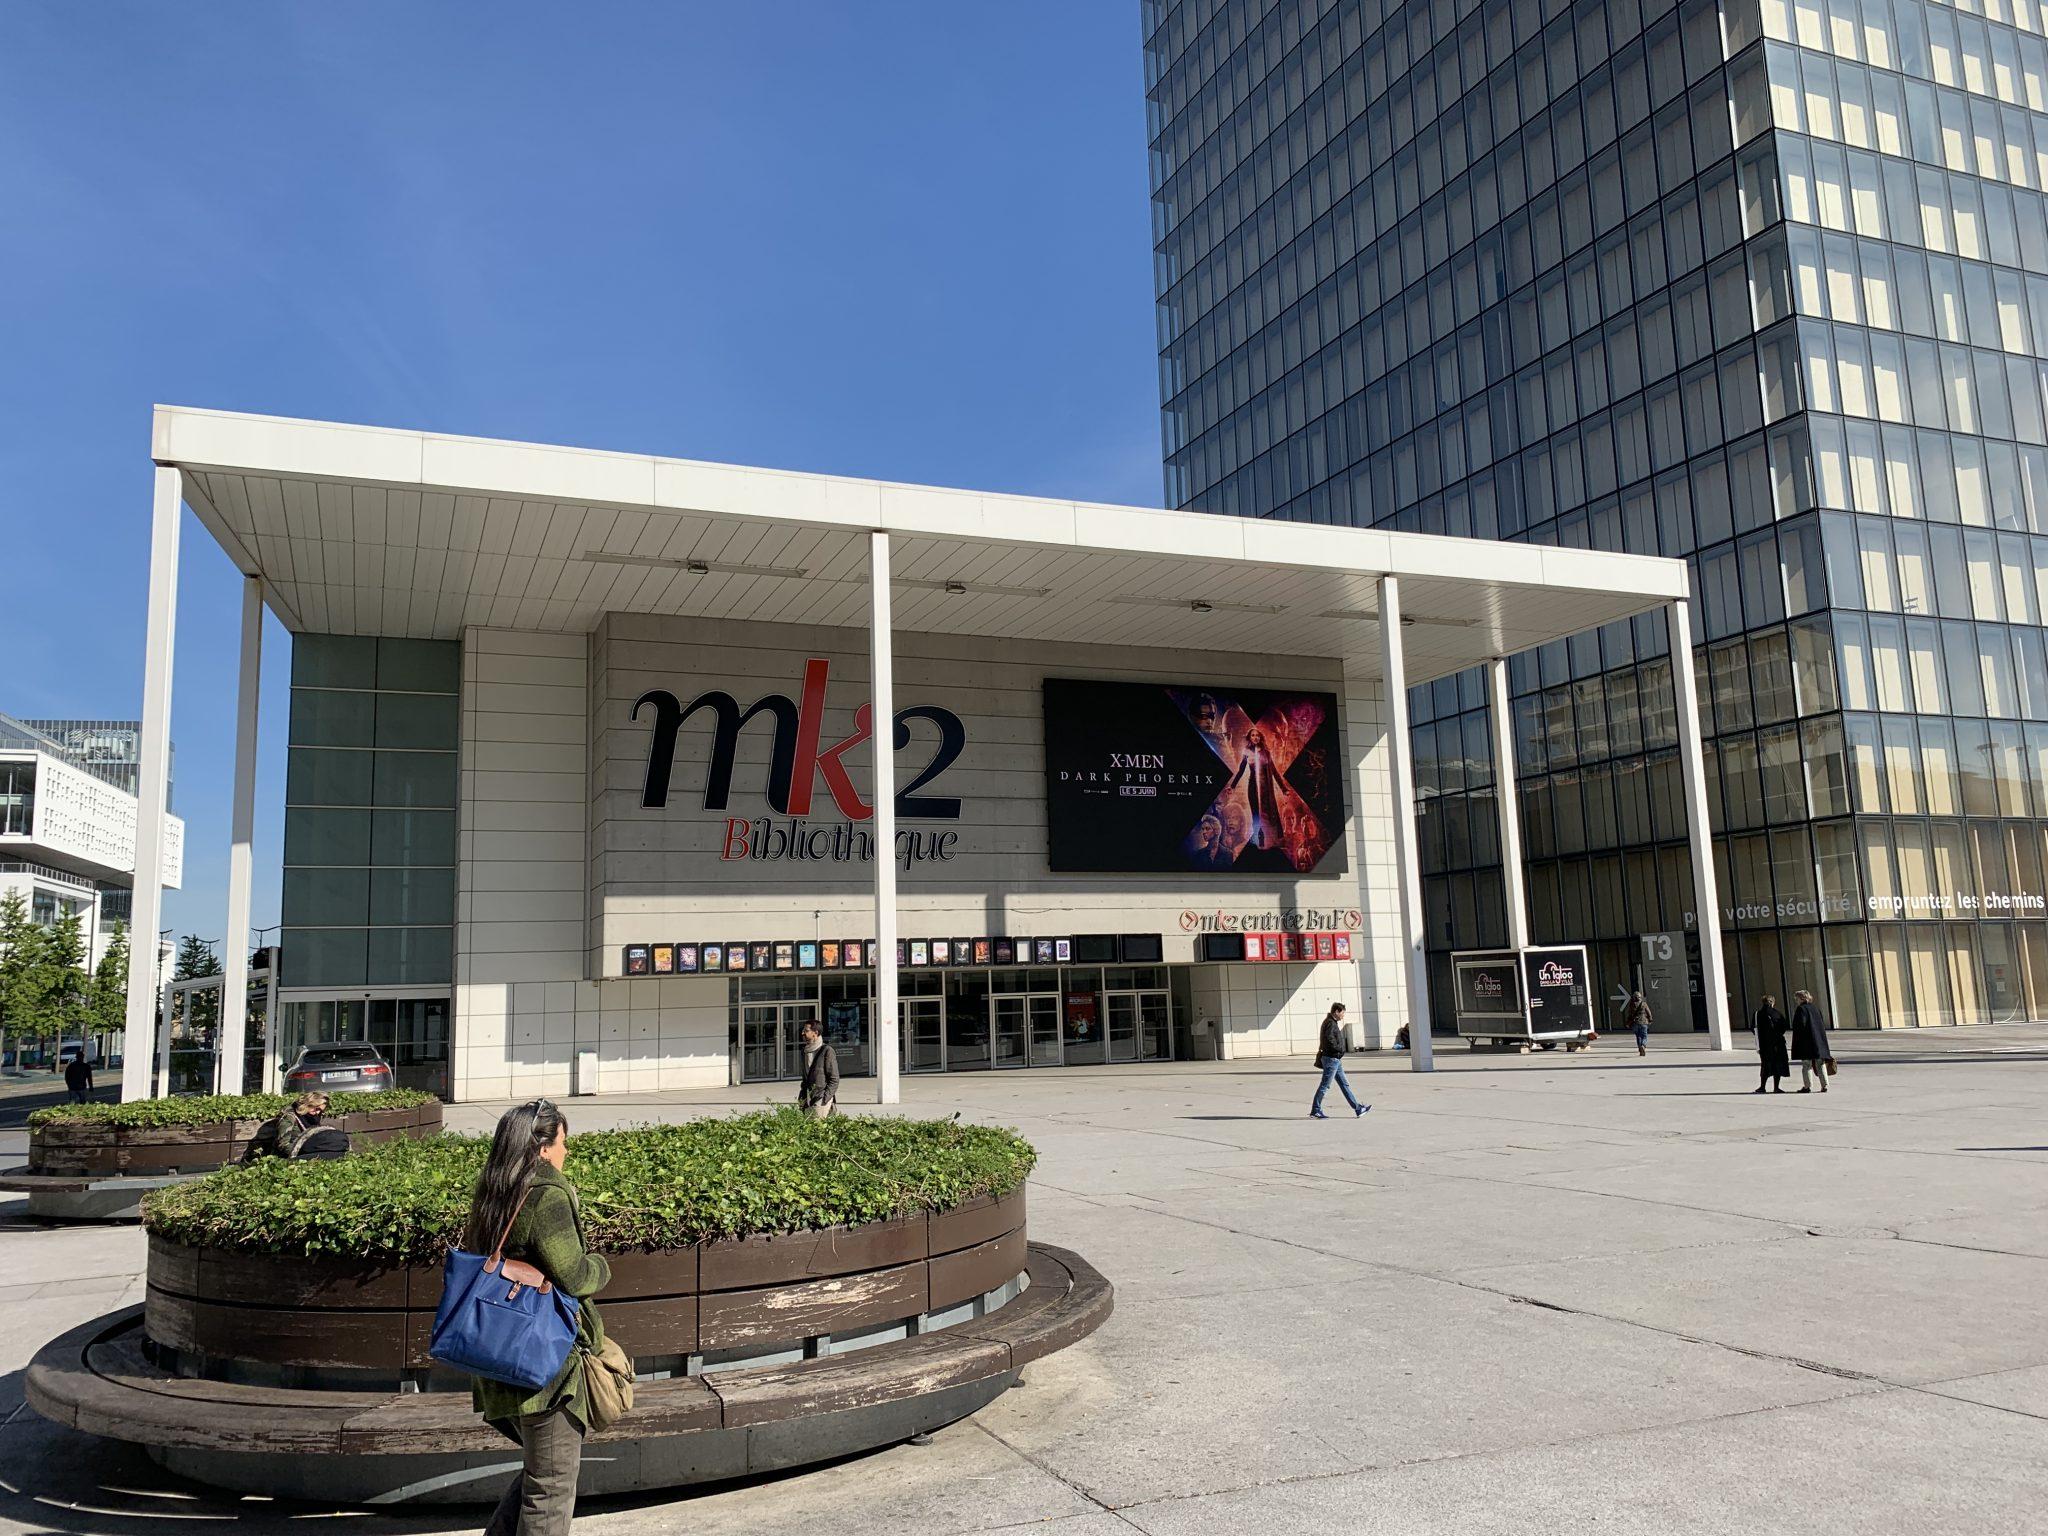 Ecran geant façade cinema Paris